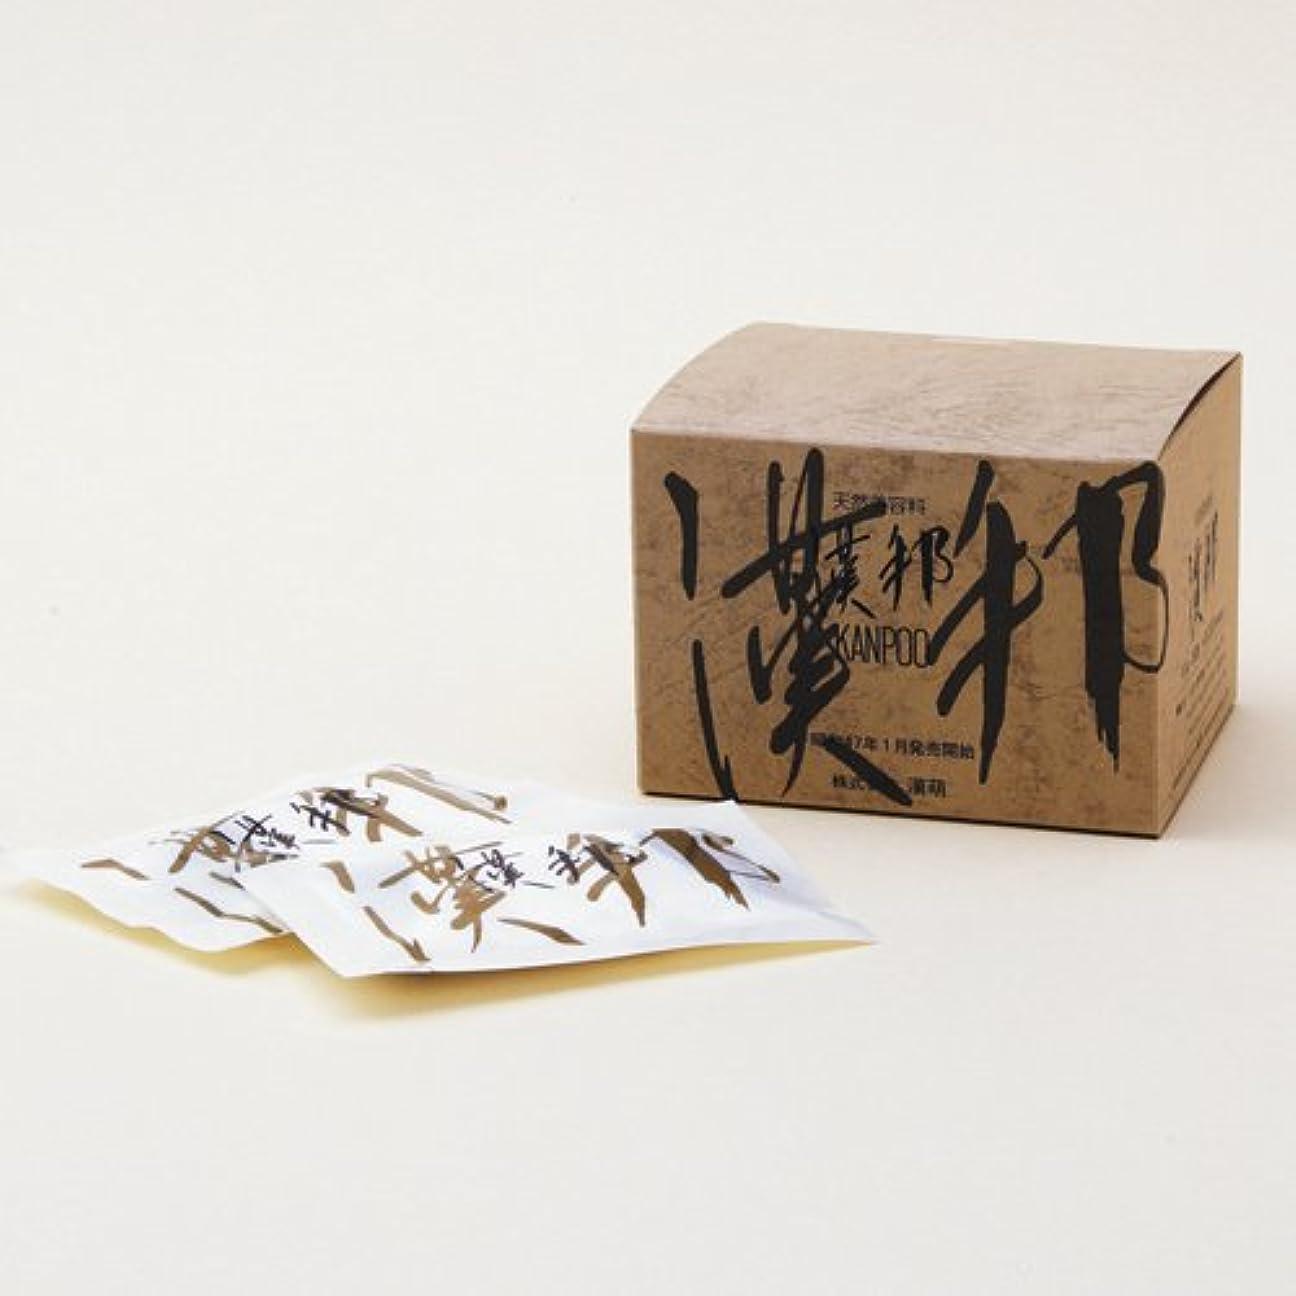 独特の時期尚早マント漢萌(KANPOO) 漢邦ぬか袋(全肌活肌料) 熟成12年 10g×16袋